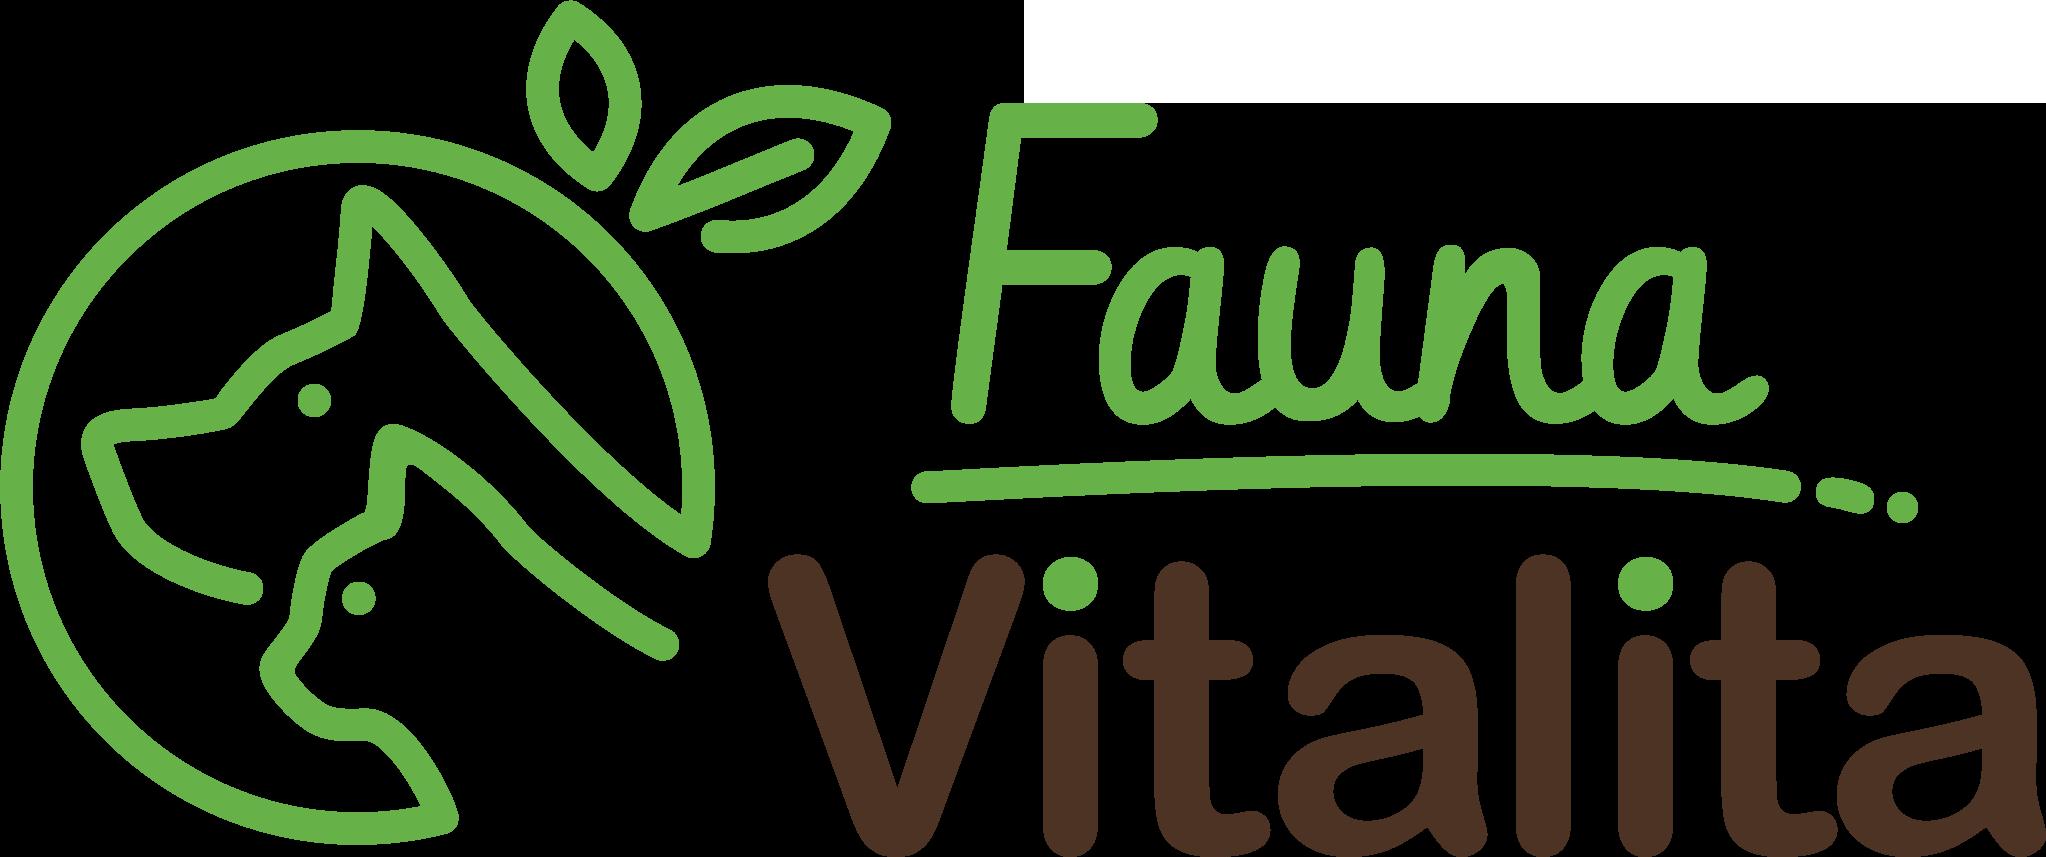 Faunavitalita.cz